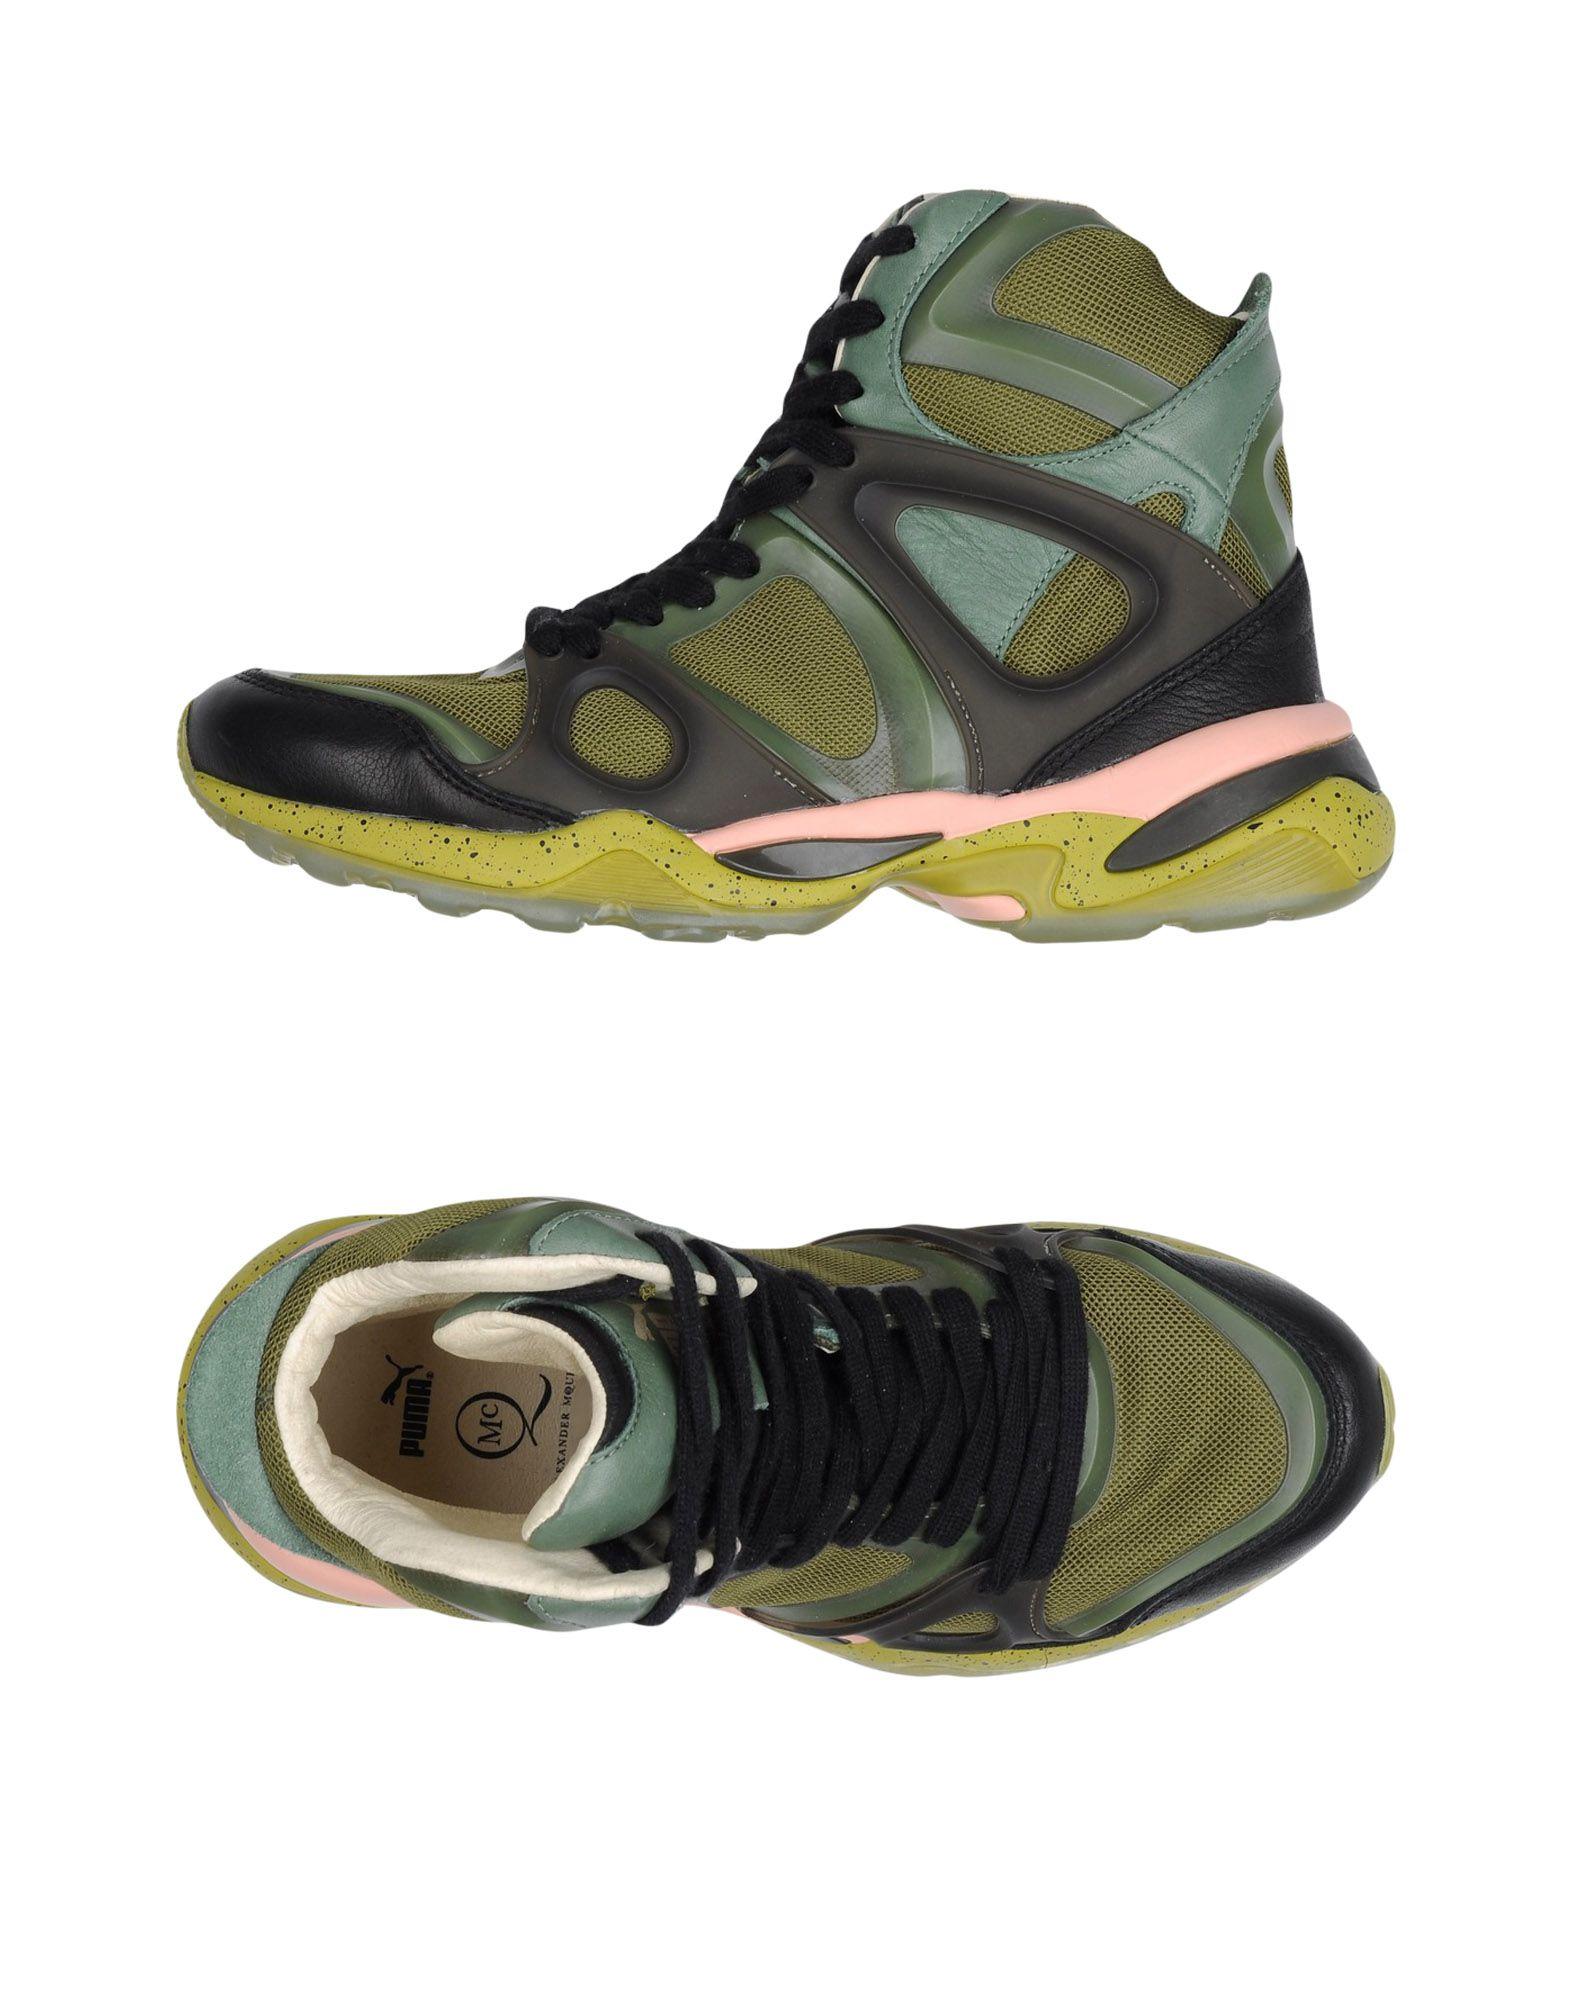 Alexander Herren Mcqueen Puma Sneakers Herren Alexander  11257088UT e811a5